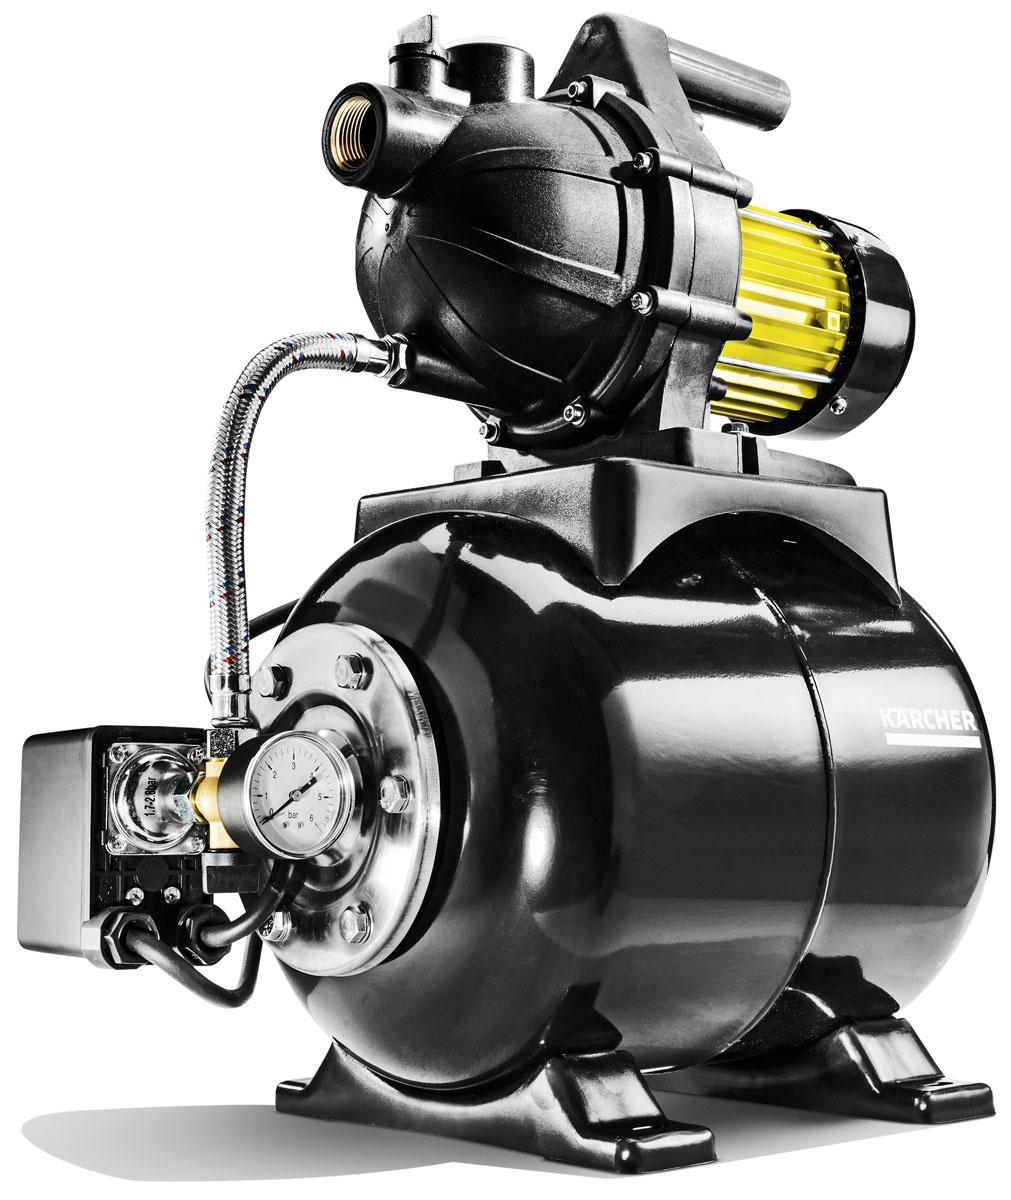 Станция насосная Karcher BP 3 Home *EU1.645-365.0Насосная станция BP 3 Home предназначена для подачи в дом технической воды для стиральных машин, санузлов и других хозяйственных нужд. Она легко подключается и может забирать воду из цистерн или неглубоких колодцев, автоматически поддерживая напор в системе благодаря интегрированному гидробаку объемом 19 л. Этот насос для дома автоматически отключается, когда необходимость в подаче воды отсутствует. Станция оснащена обратным клапаном, манометром и защитой от перегрева. Она легко закрепляется на полу и фиксируется саморезами. Выключатель расположен непосредственно на корпусе насосной станции. Высококачественные компоненты из нержавеющей стали обеспечивают долгий срок службы изделия.